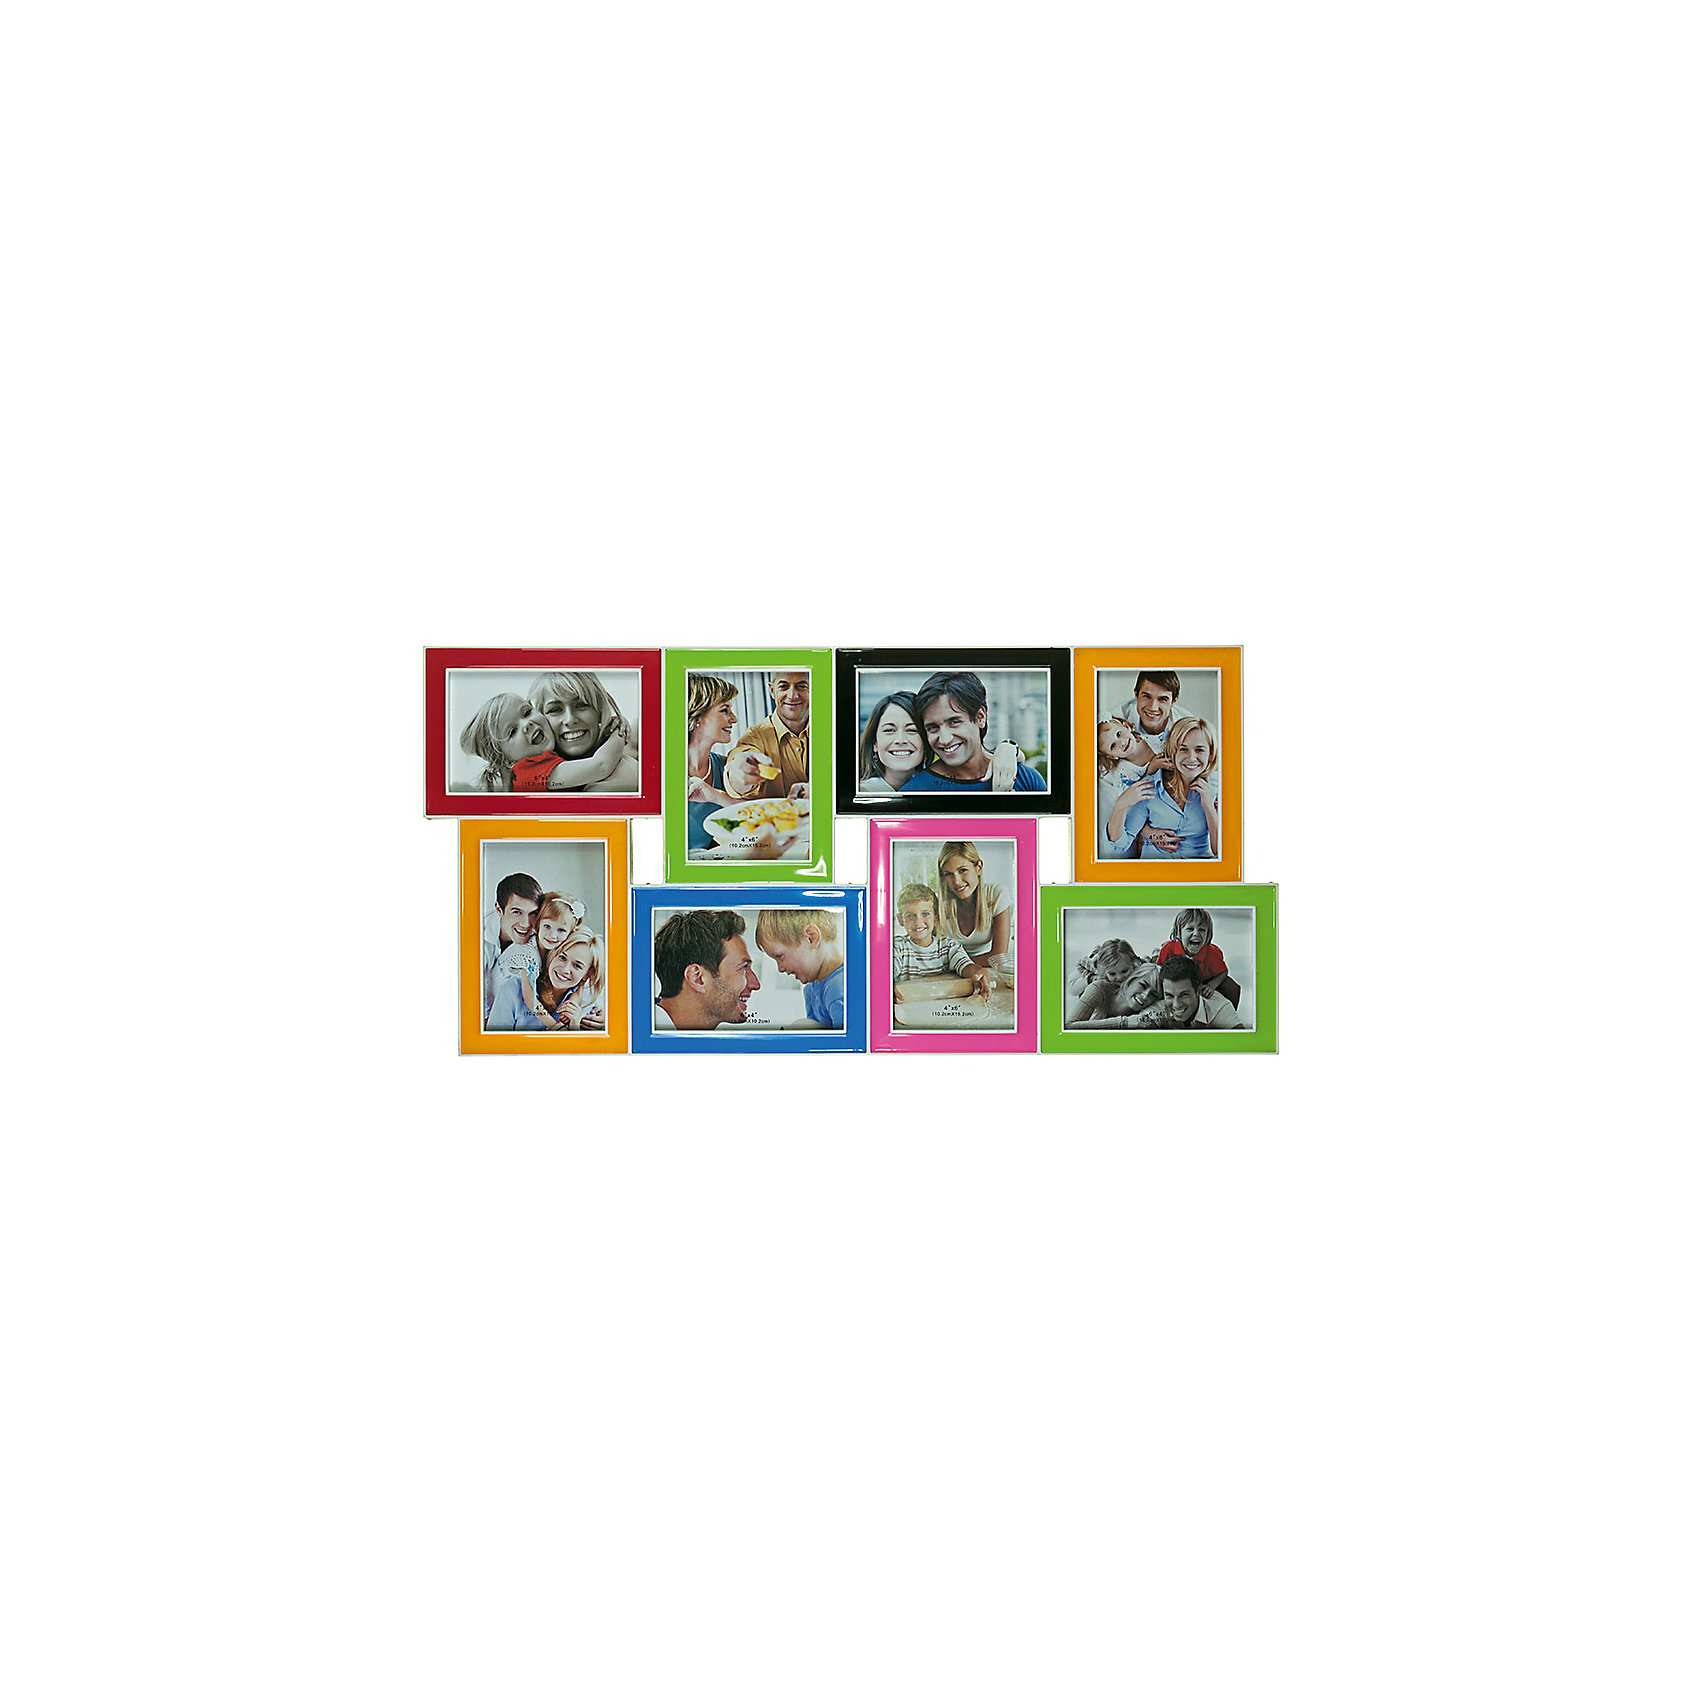 Фоторамка Platinum, пластик, разноцветная, Яркий праздникПредметы интерьера<br>Фоторамка Platinum, пластик, разноцветная, Яркий праздник<br><br>Характеристики:<br><br>• Состав: пластик<br>• Размер: 63 * 3 * 30 см.<br>• Размер фотографий: 10 * 15 см.<br>• Страна производитель: Китай<br><br>Изящная подвесная фоторамка включает в себя целых восемь рамок от компании, специализирующейся на производстве фоторамок для интерьеров Platinum (Платинум), и оживит сразу несколько воспоминаний! Фоторамки станут стильным украшением комнаты, а веселые глянцевые цвета отлично подойдет как для спальни, так и для кухни или гостиной. <br><br>Фоторамки отделаны рельефным дизайном, расположены структурированно и отлично подойдут для серии горизонтальных и вертикальных тематических снимков. Размер всех рамок 10 * 15 см, это стандартный размер фото, поэтому для этой фоторамки вам не потребуется перепечатывать уже имеющиеся фото. Фоторамка станет превосходным подарком для любого важного события от годовщины до новоселья. Привнесите в дом атмосферу комфорта и яркого праздника вместе с новой фоторамкой!<br><br>Фоторамку Platinum, пластик, разноцветную, Яркий праздник можно купить в нашем интернет-магазине.<br><br>Ширина мм: 630<br>Глубина мм: 48<br>Высота мм: 300<br>Вес г: 440<br>Возраст от месяцев: 36<br>Возраст до месяцев: 2147483647<br>Пол: Унисекс<br>Возраст: Детский<br>SKU: 5454005